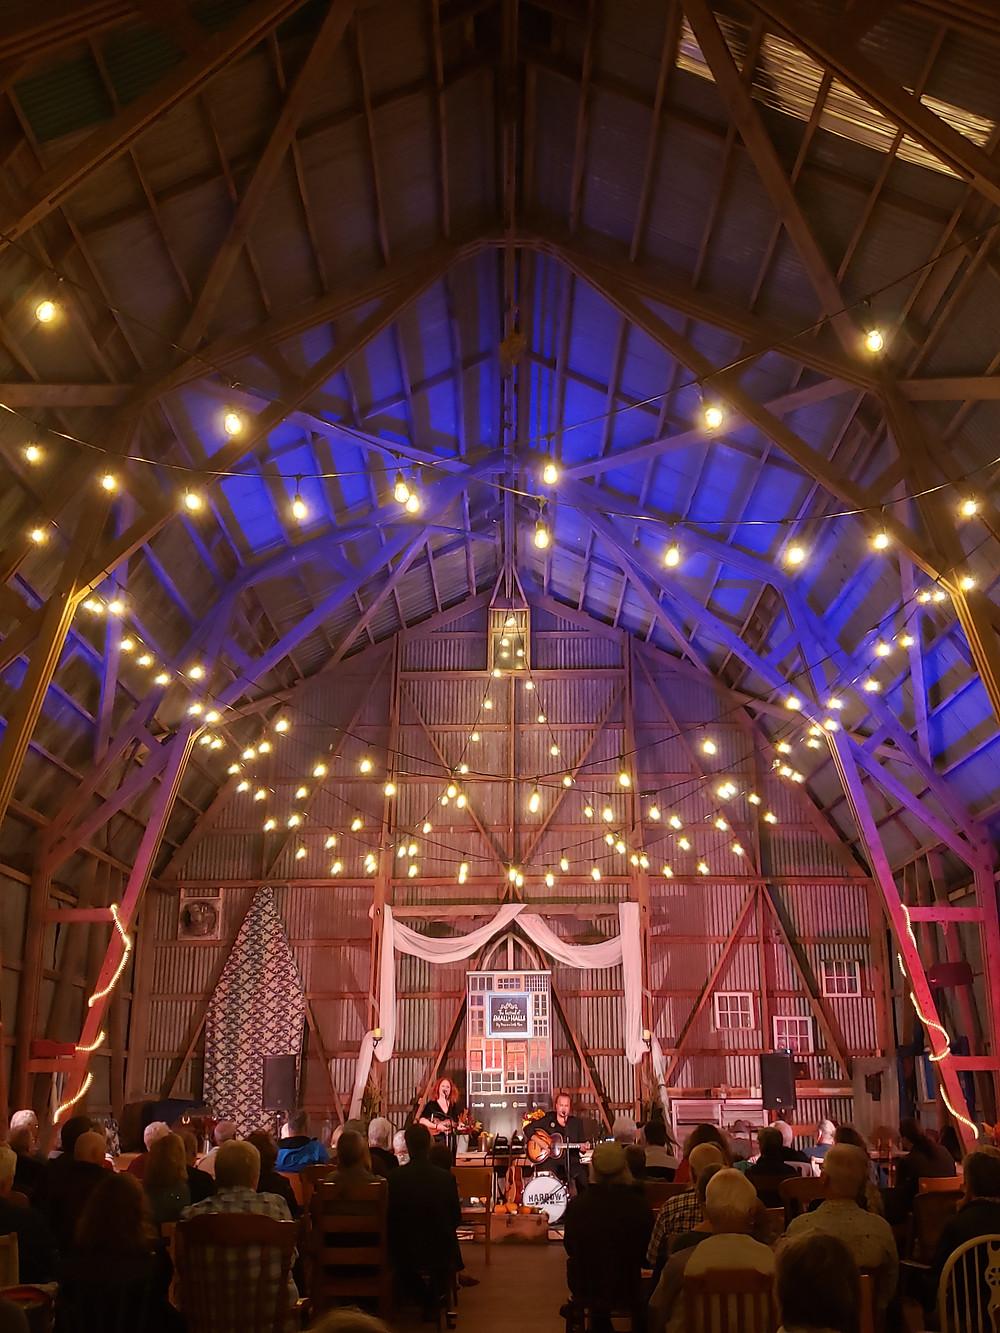 Inside Furnace Falls Farm Barn with Harrow Fair